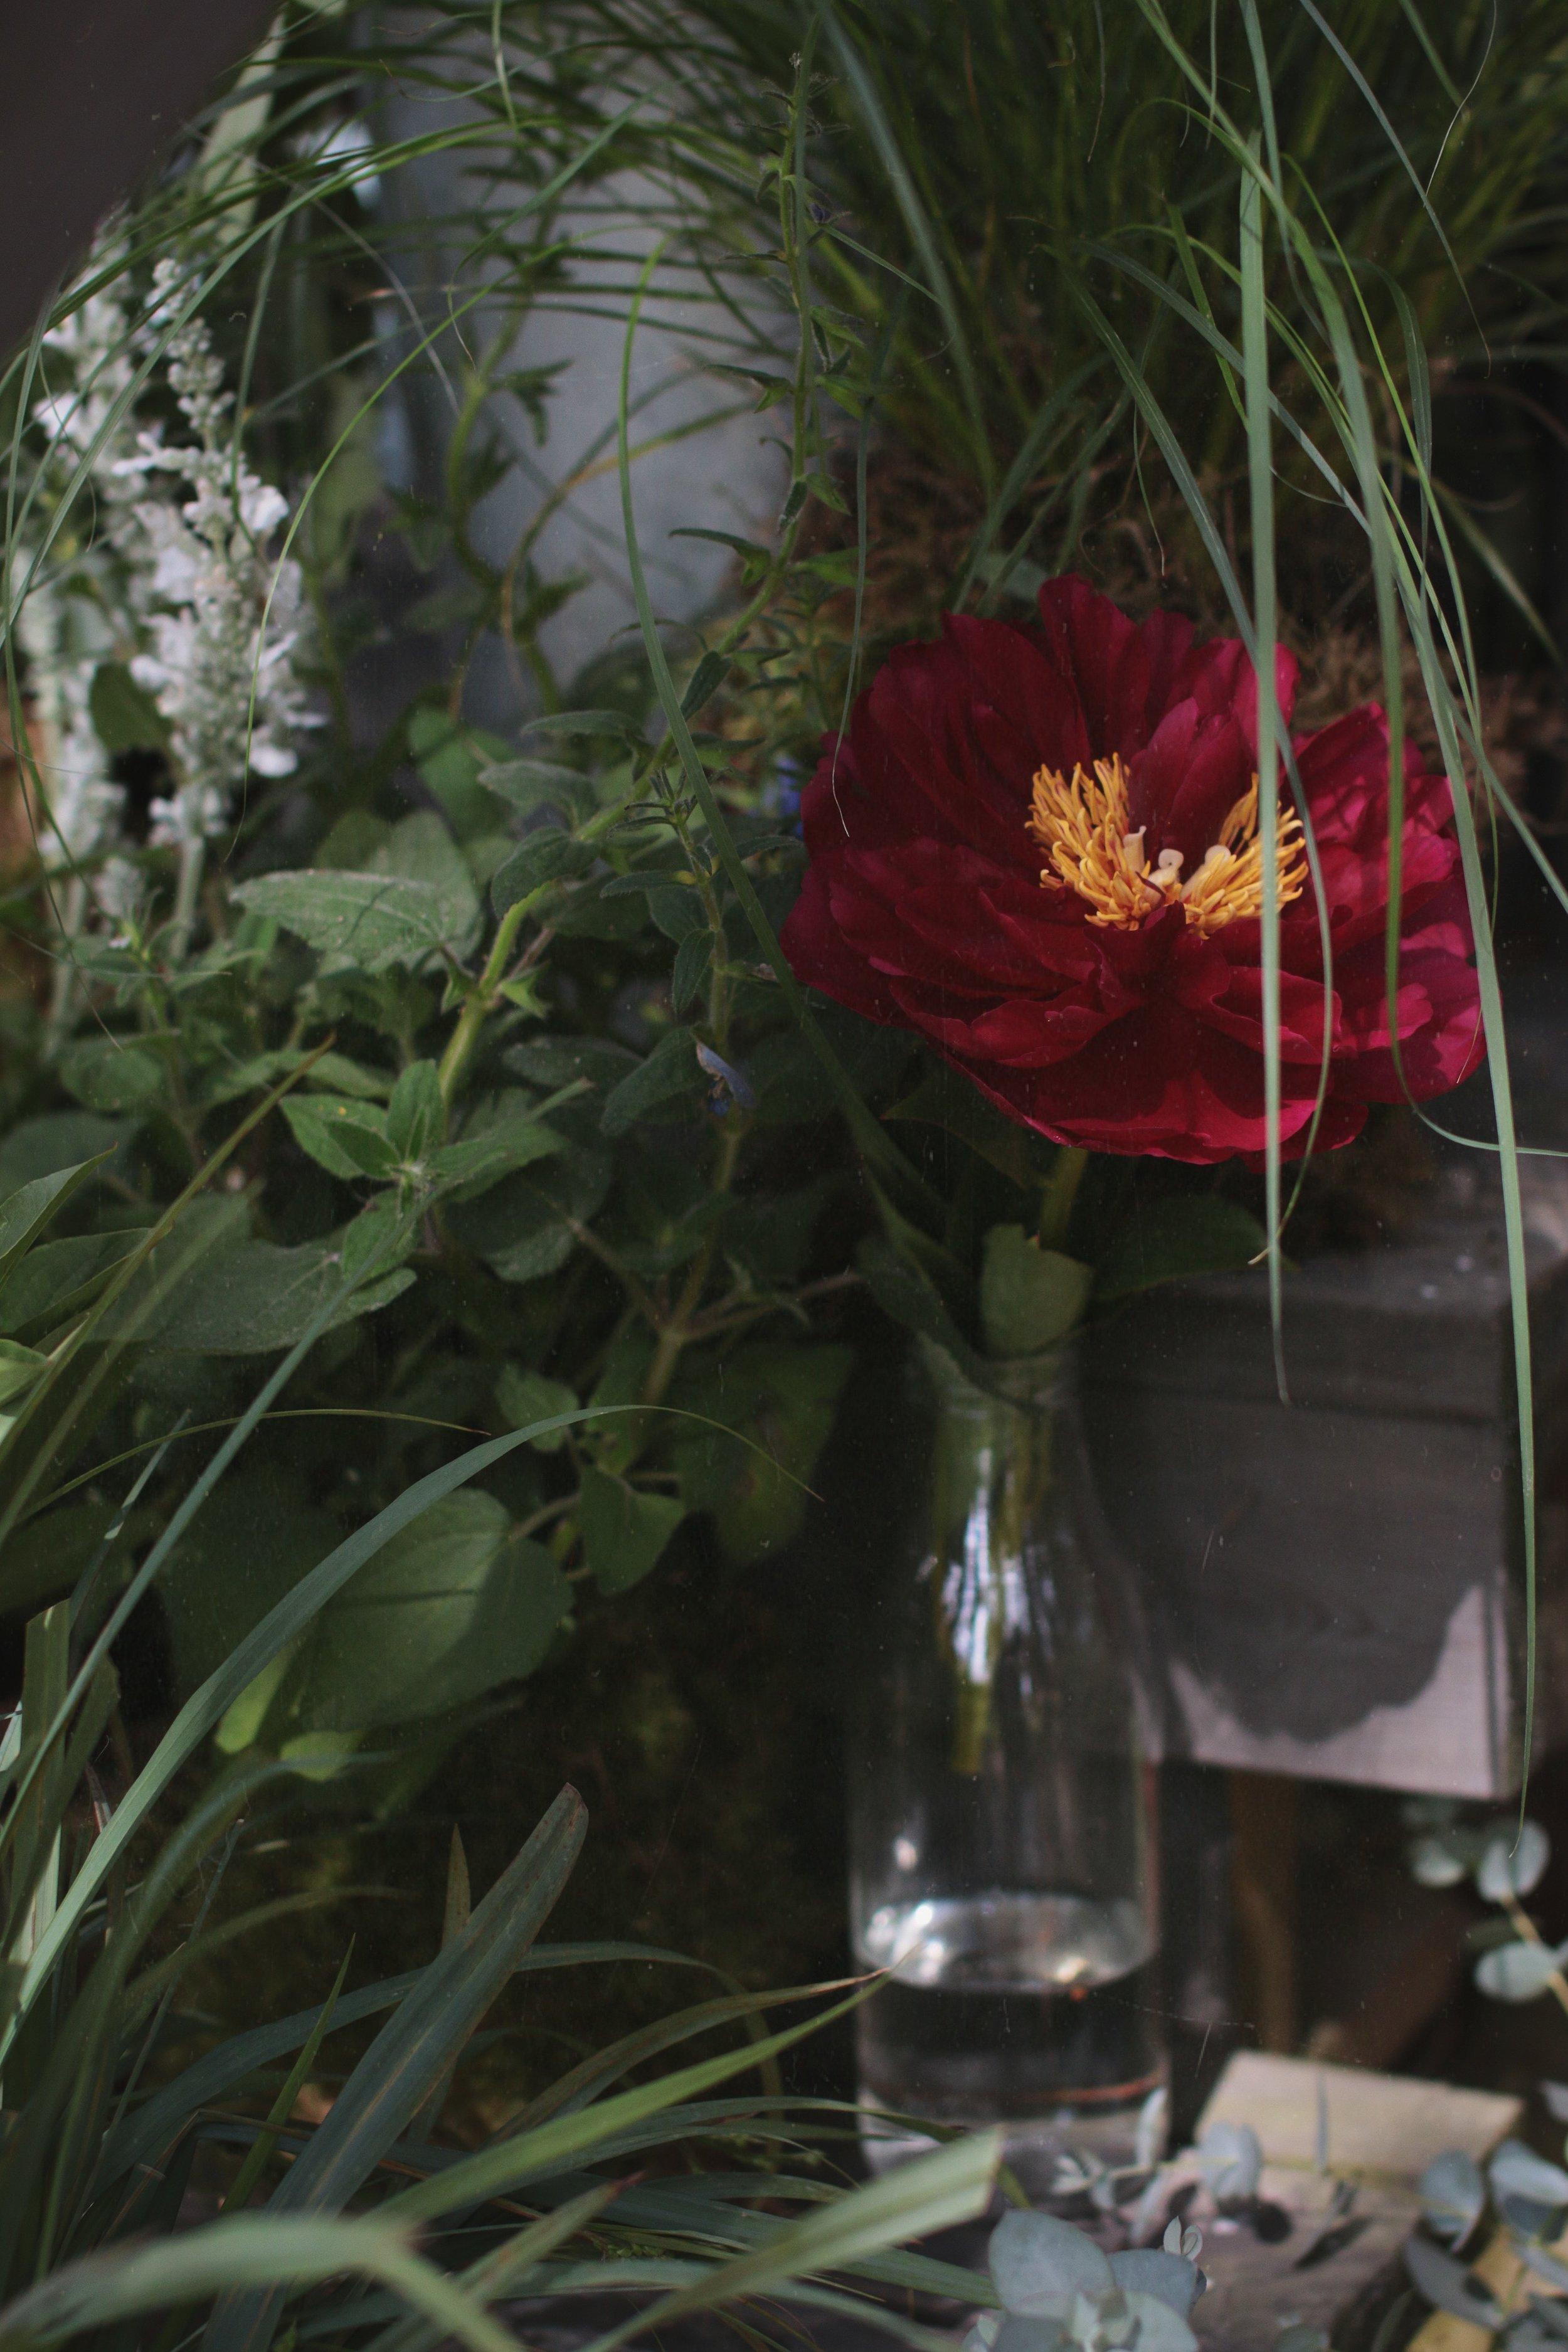 Yksinkertaisen kauniit kukat, puutarhamainen tunnelma, luonnollinen sidonta, kukka-asetelma